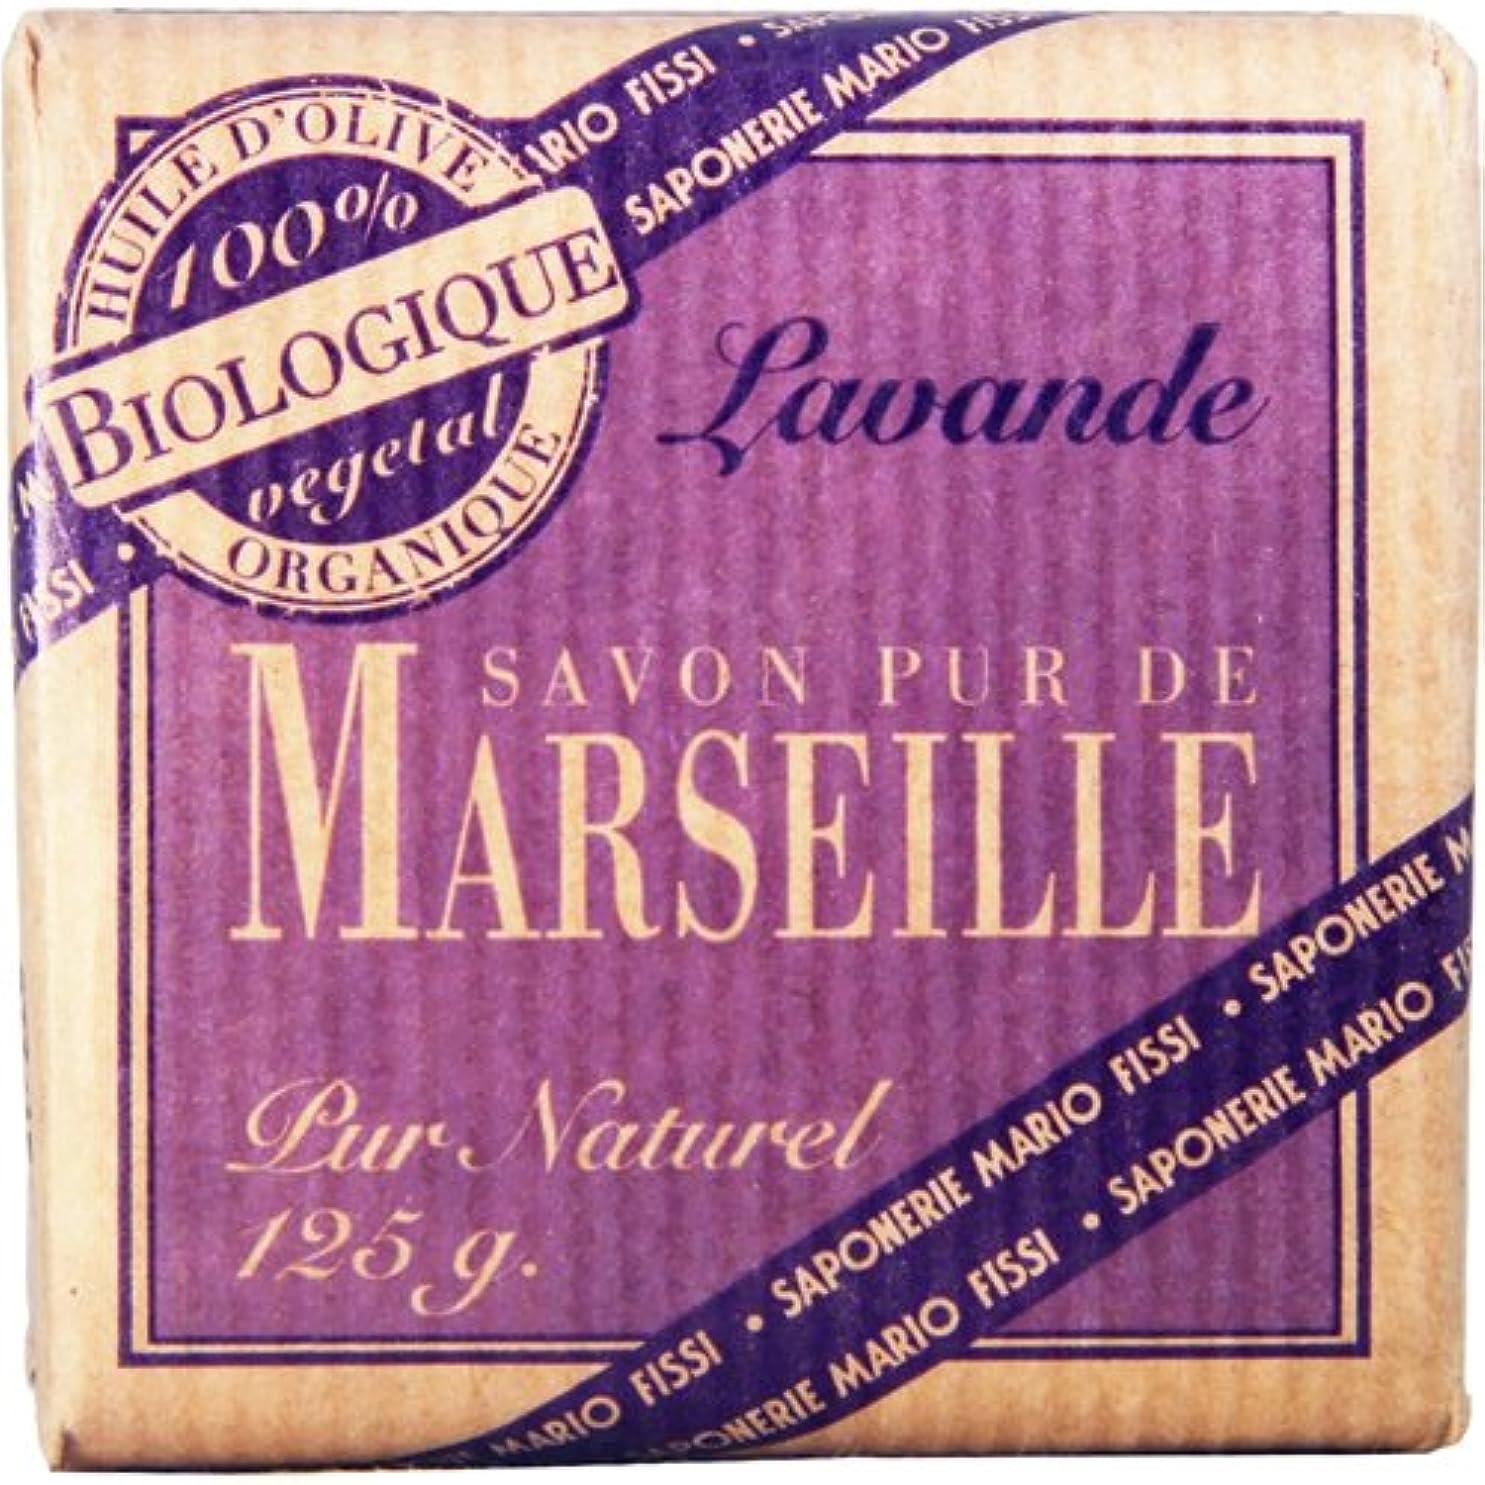 歌詞仮定、想定。推測閉塞Saponerire Fissi マルセイユシリーズ マルセイユソープ 125g Lavender ラベンダー